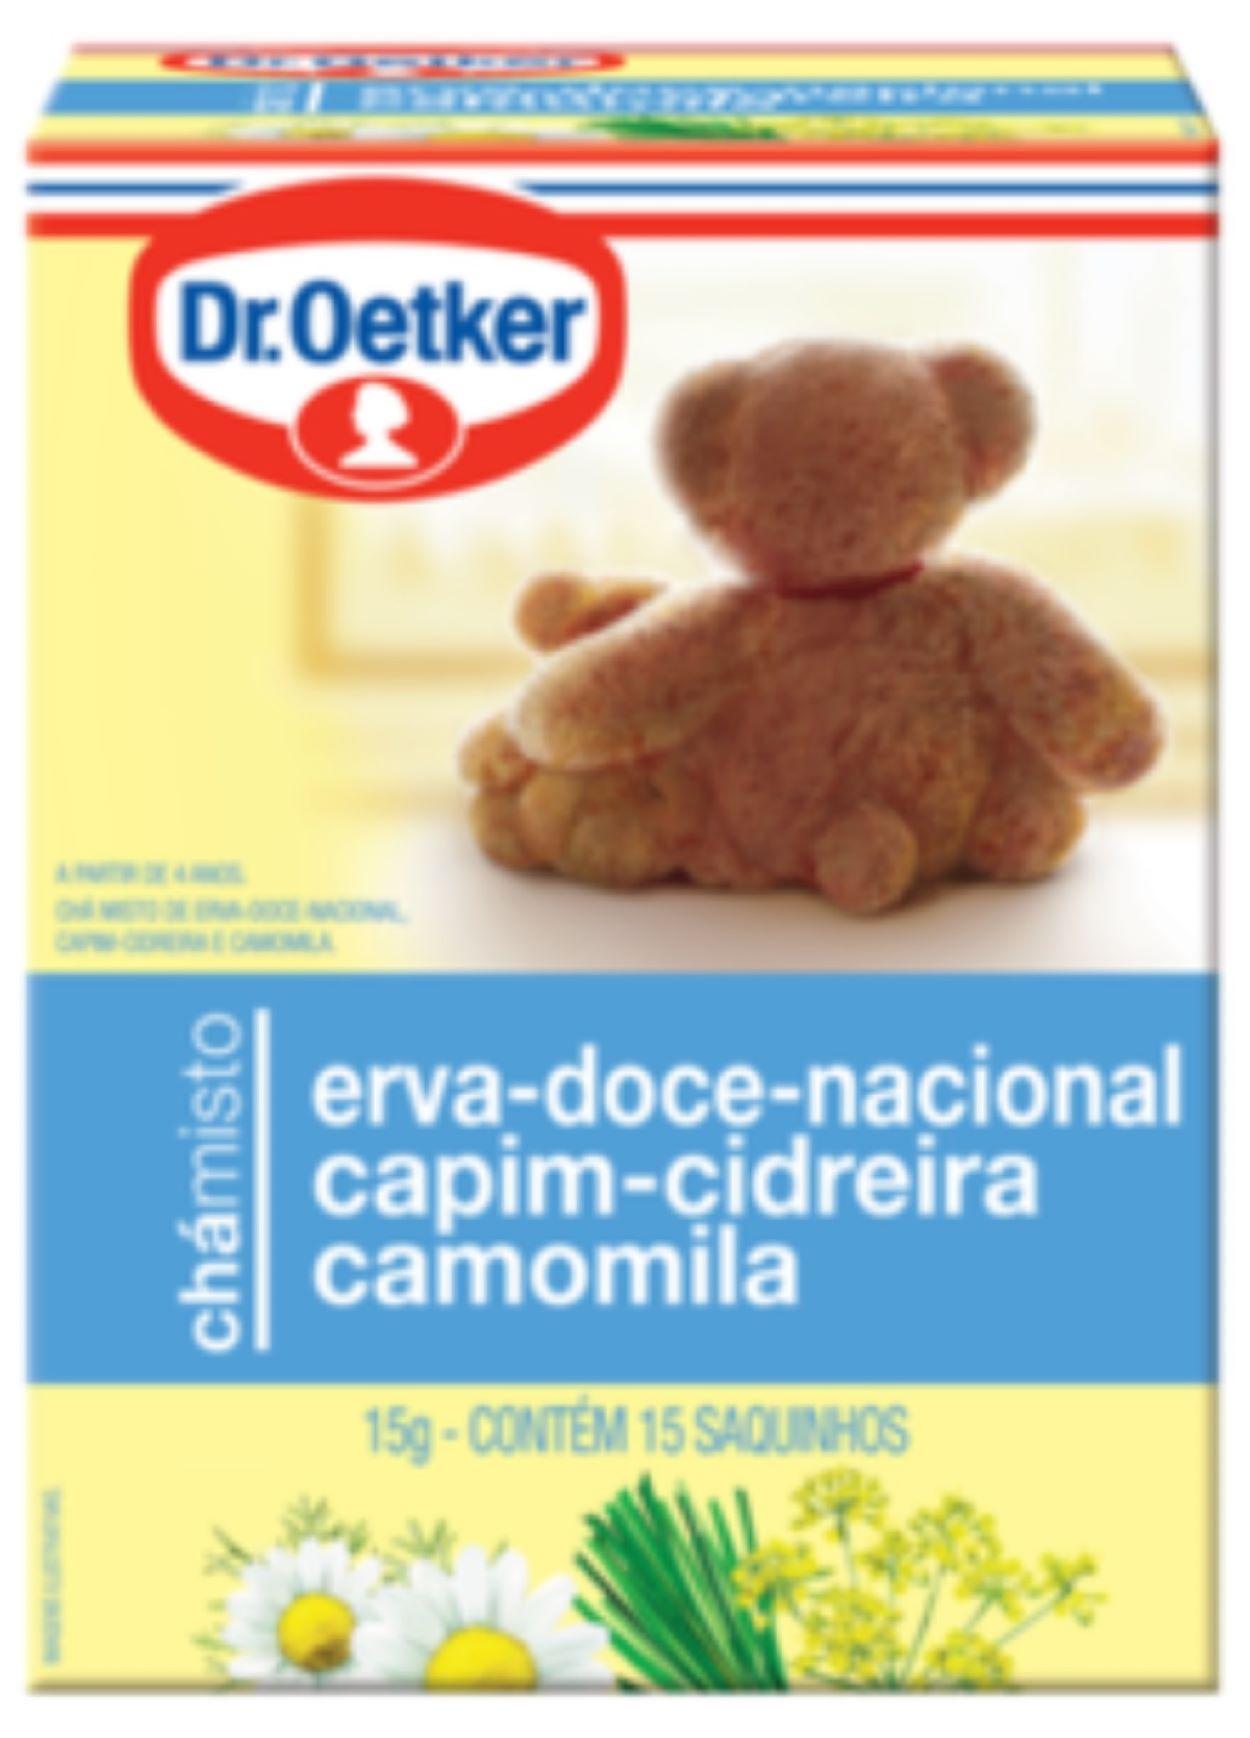 Chá  Erva Doce,Cidreira e Camomila Dr. Oetker Kit com 2 Caixas